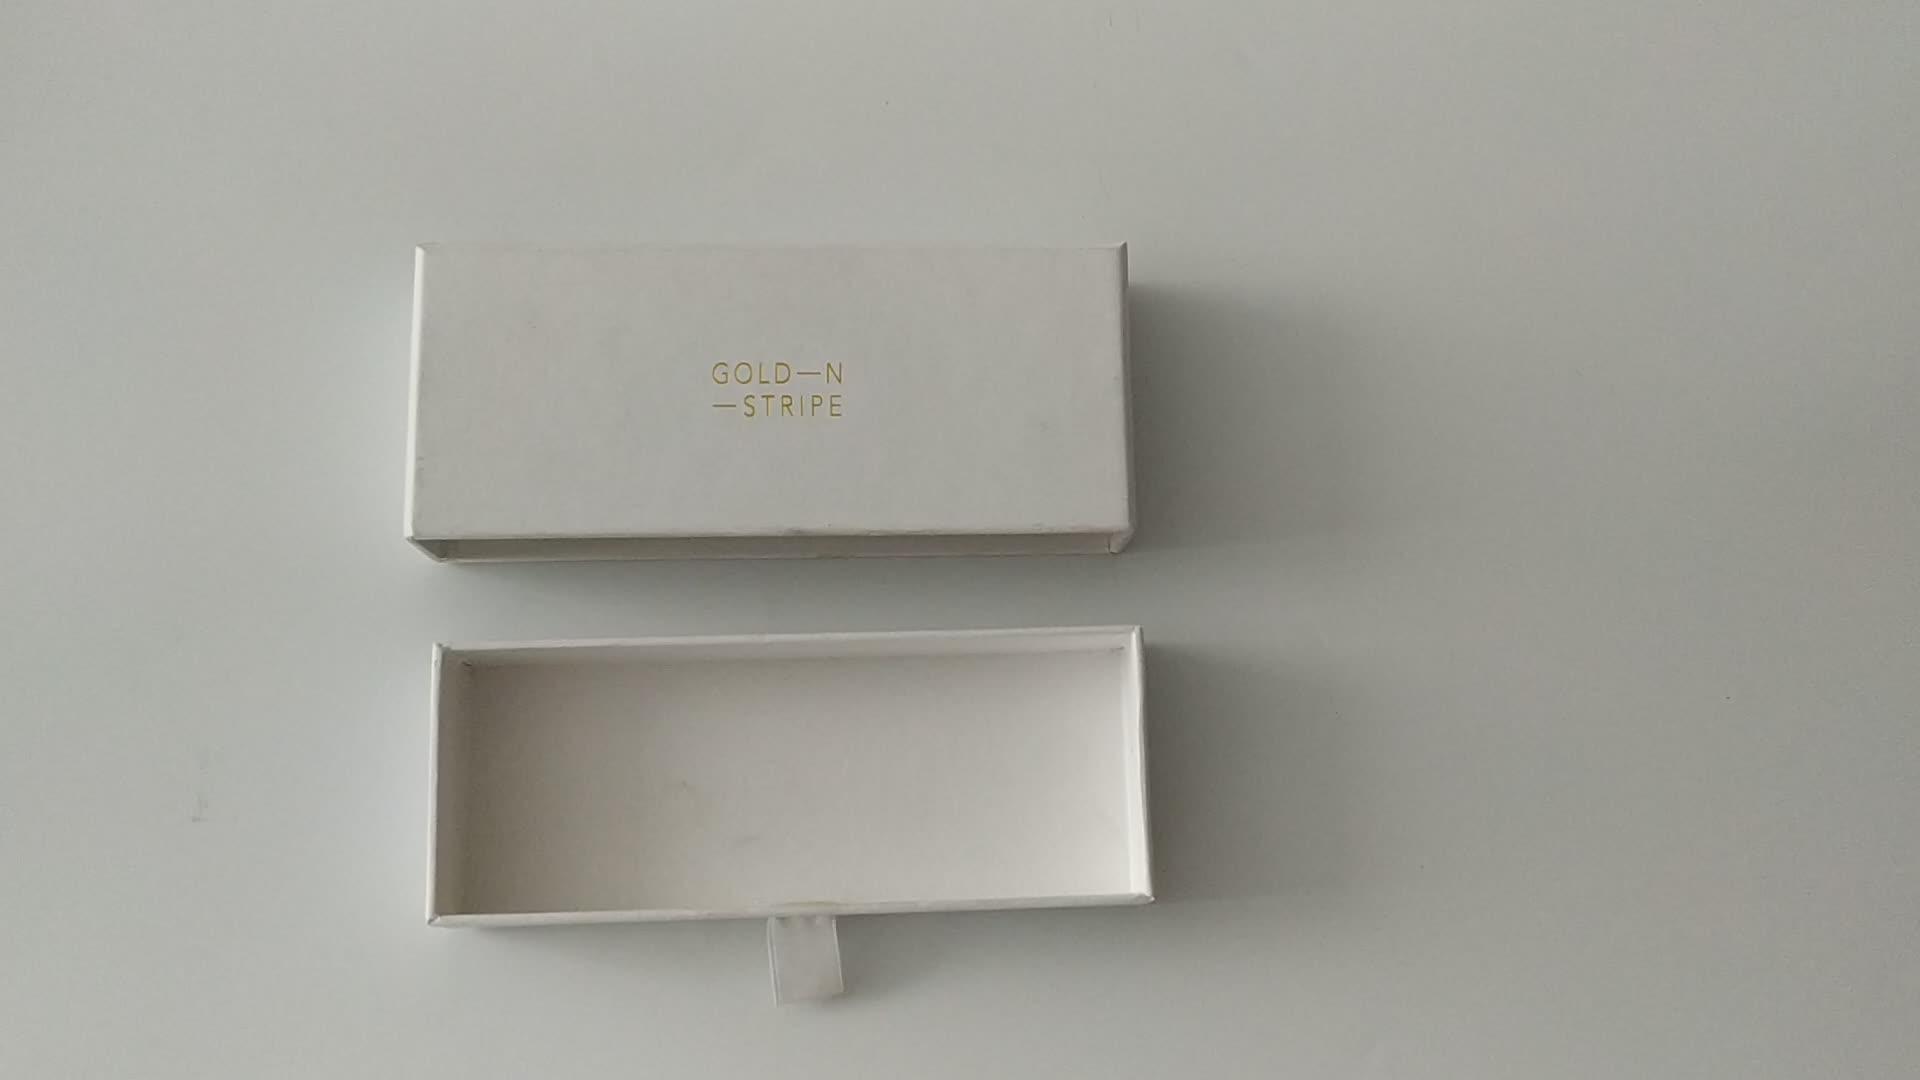 중국 공급 업체 사용자 정의 판지 상자 나비 넥타이 선물 포장 상자